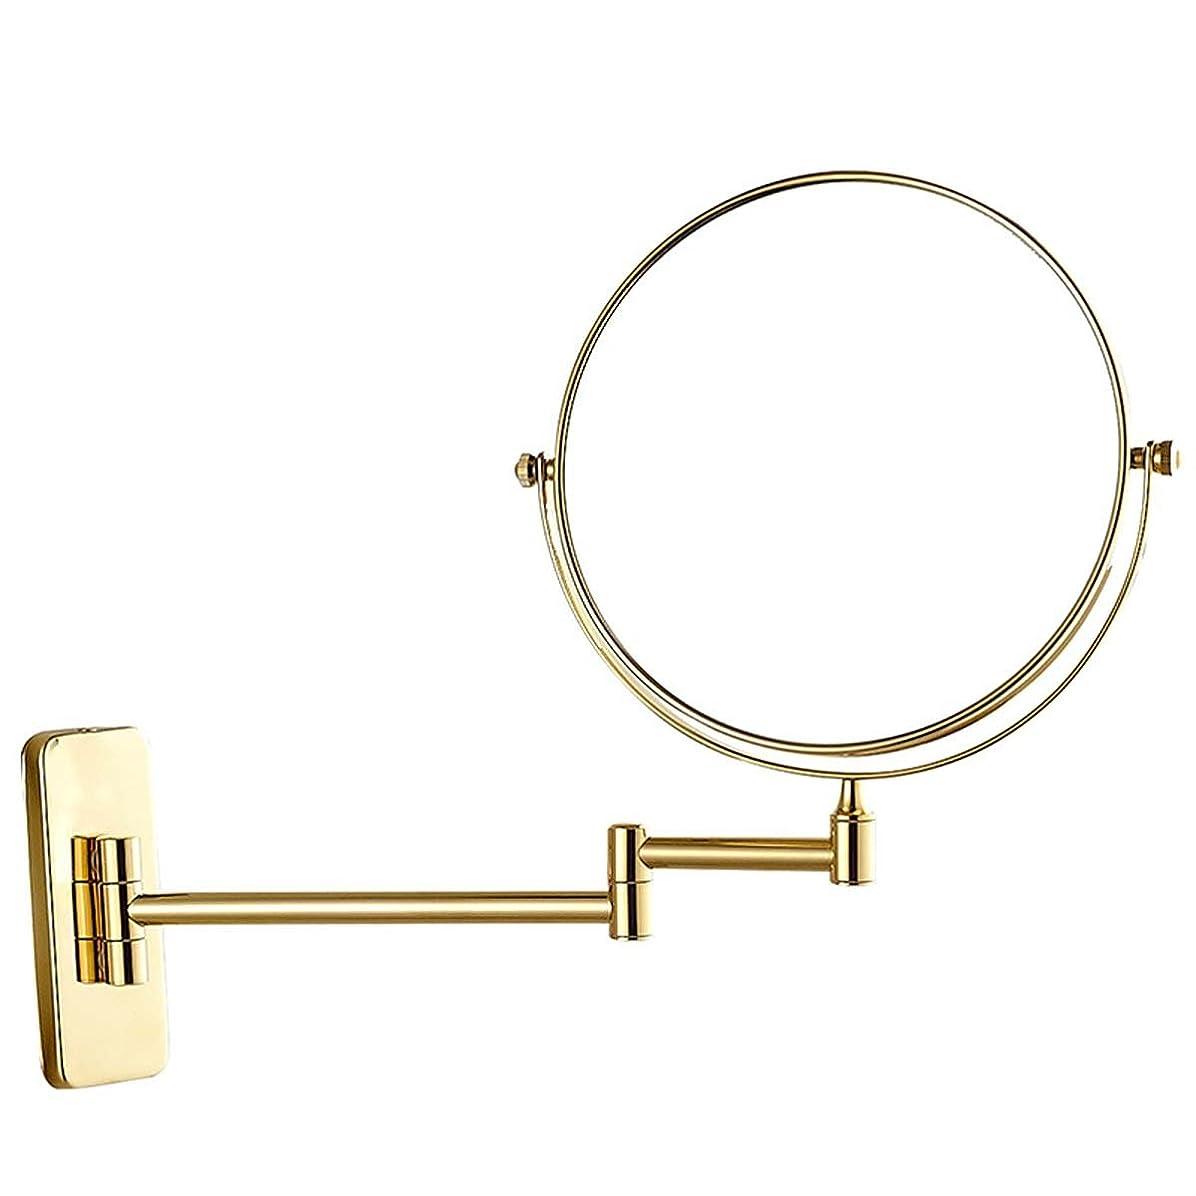 オフェンス発生するいじめっ子浴室化粧鏡、壁掛け折りたたみ式クリエイティブヨーロッパスタイルバニティミラー、13 * 27 * 15 cm、ステンレススチールベース (Color : Gold)